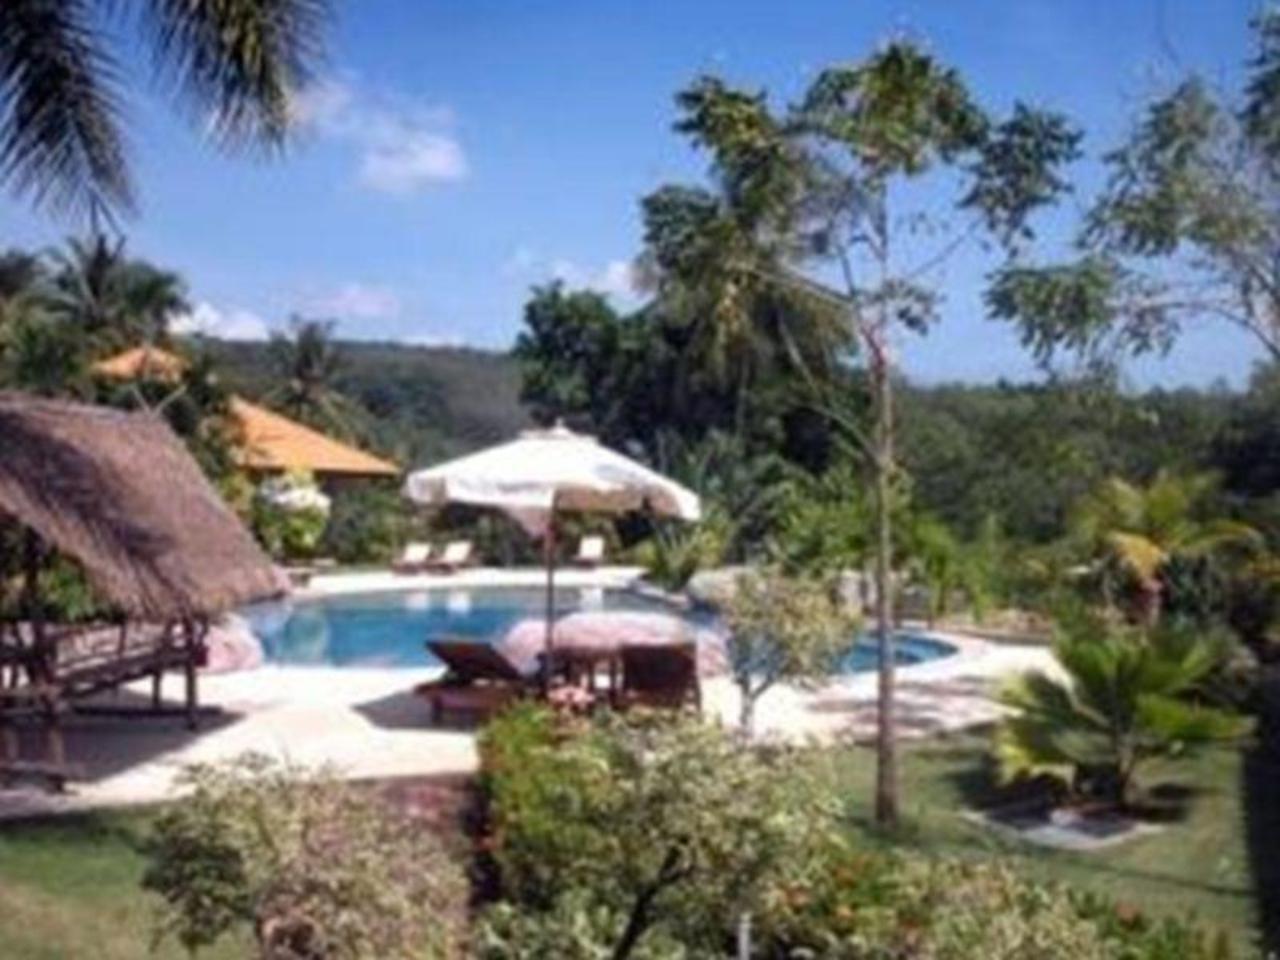 เดอะ กระบี่ แซนด์ รีสอร์ท (The Krabi Sands Resort)